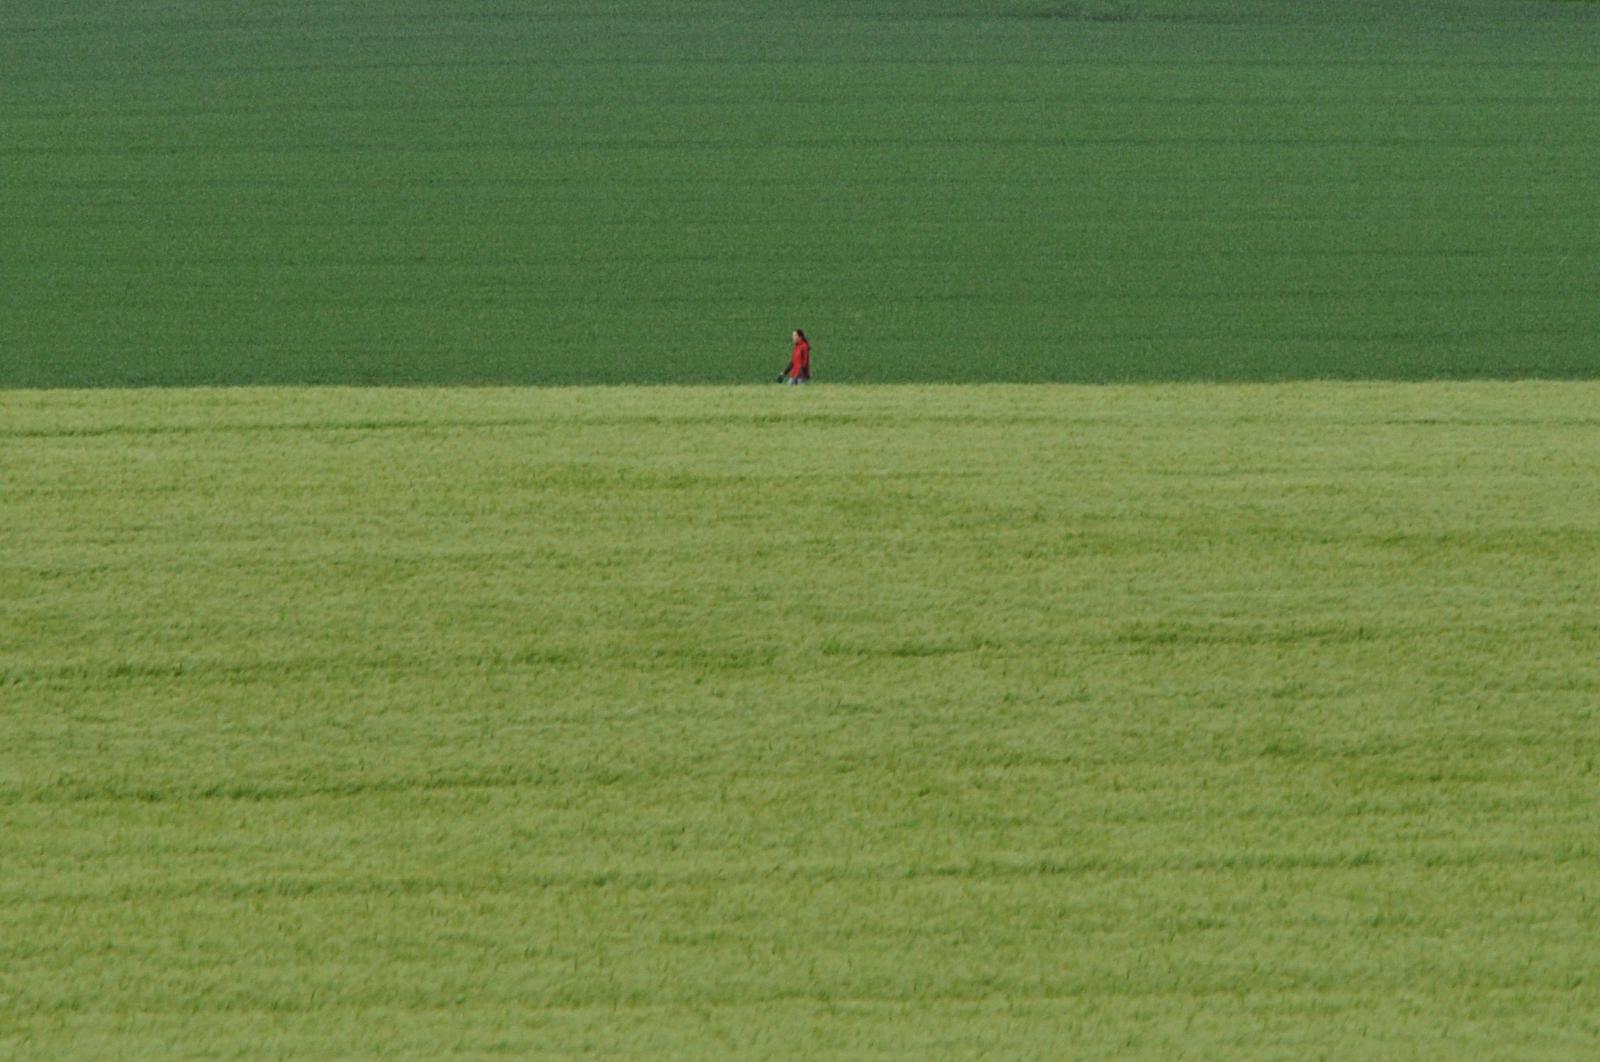 Grüne Felder und ganz klein eine Frau, die über einen Feldweg geht.